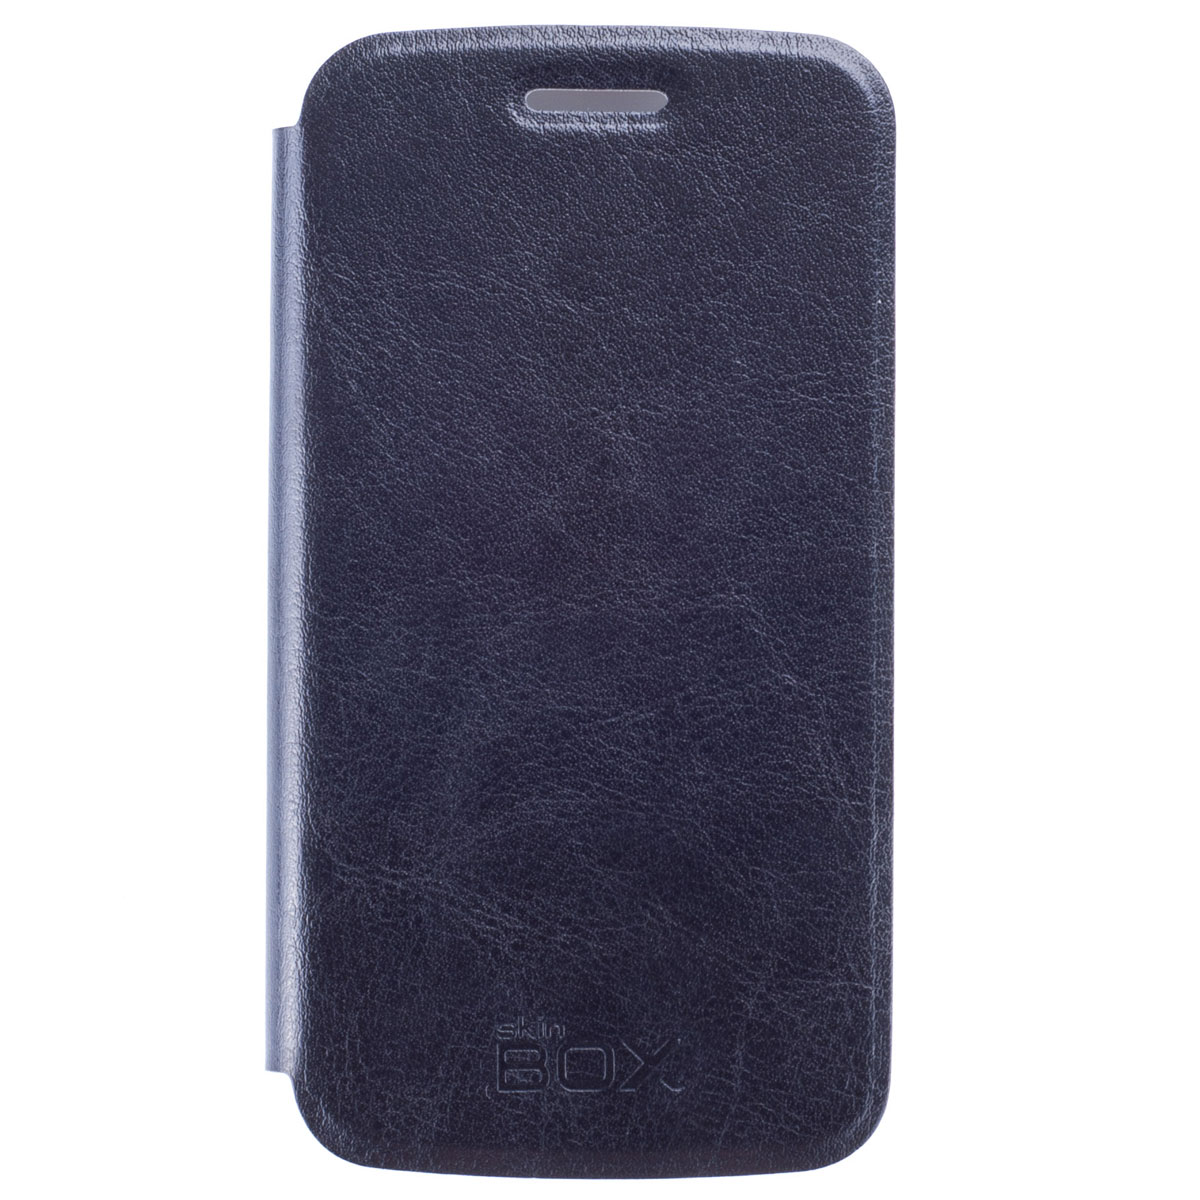 Skinbox Lux для SamsungGalaxy Ace 4 Lite, BlackT-S-SSMG313H-003Чехол Skinbox Lux выполнен из высококачественного поликарбоната и экокожи. Он обеспечивает надежную защиту корпуса и экрана смартфона и надолго сохраняет его привлекательный внешний вид. Чехол также обеспечивает свободный доступ ко всем разъемам и клавишам устройства.